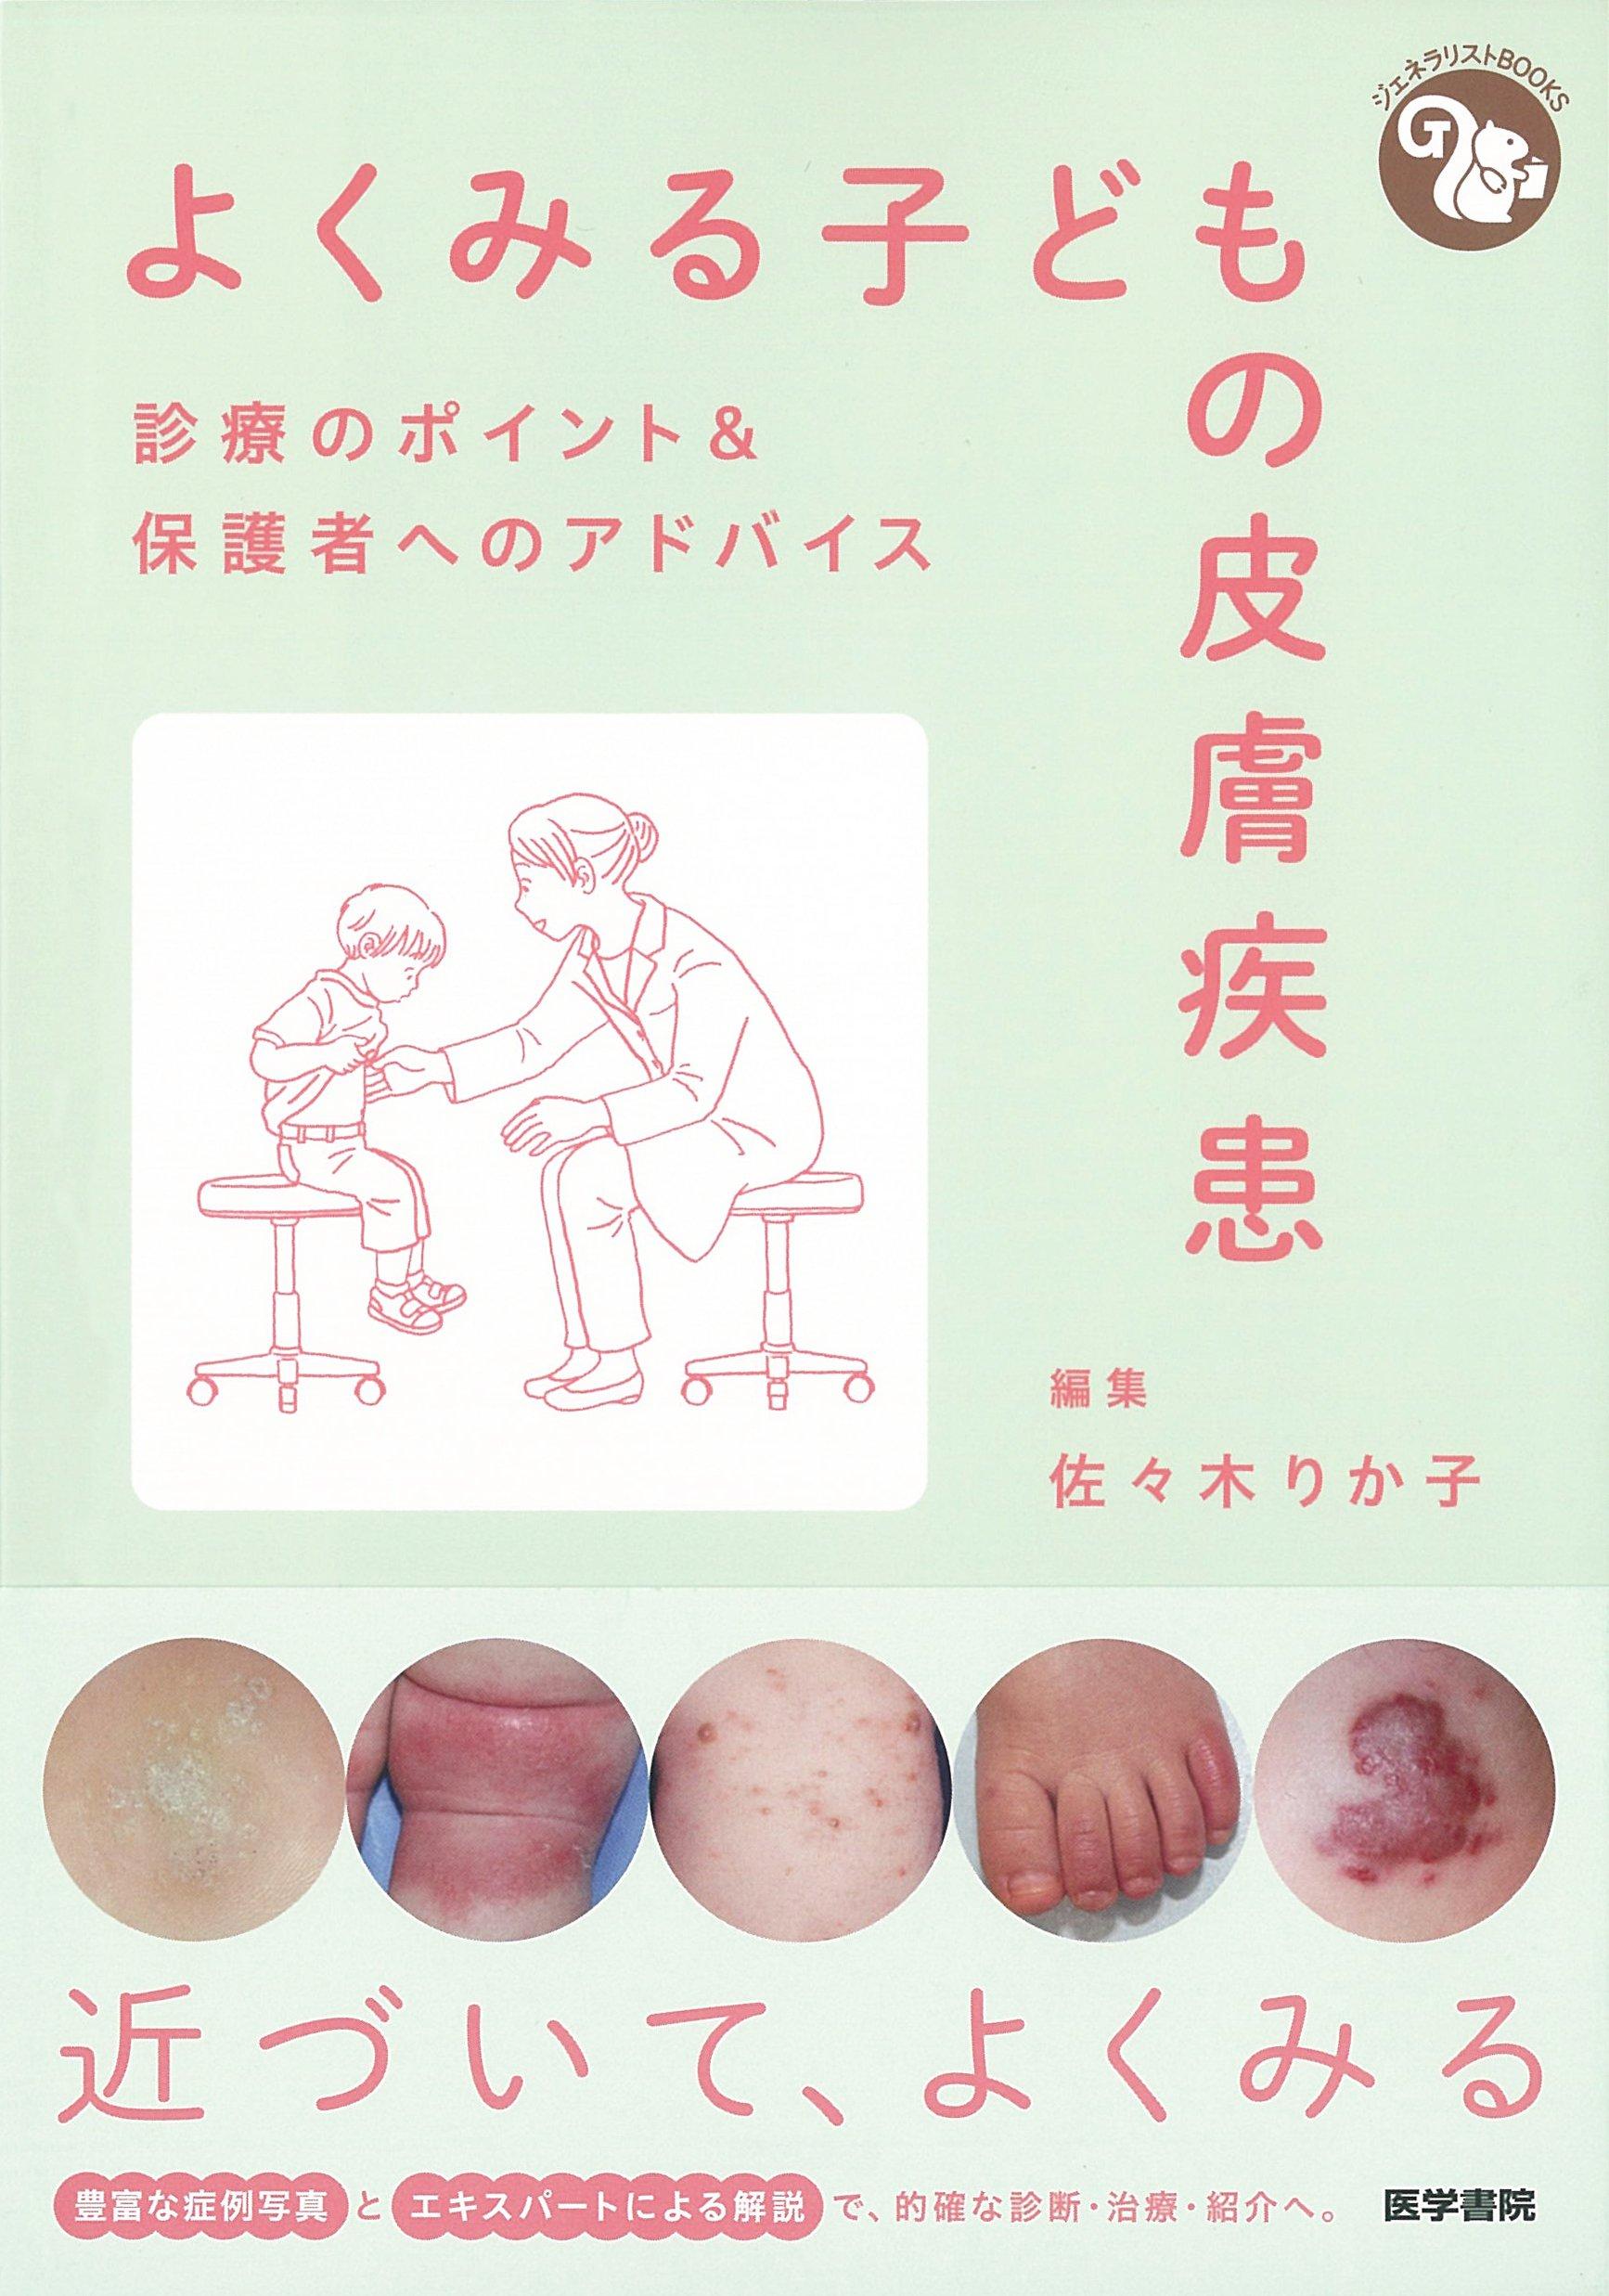 伝染性軟属腫を治す自然医学